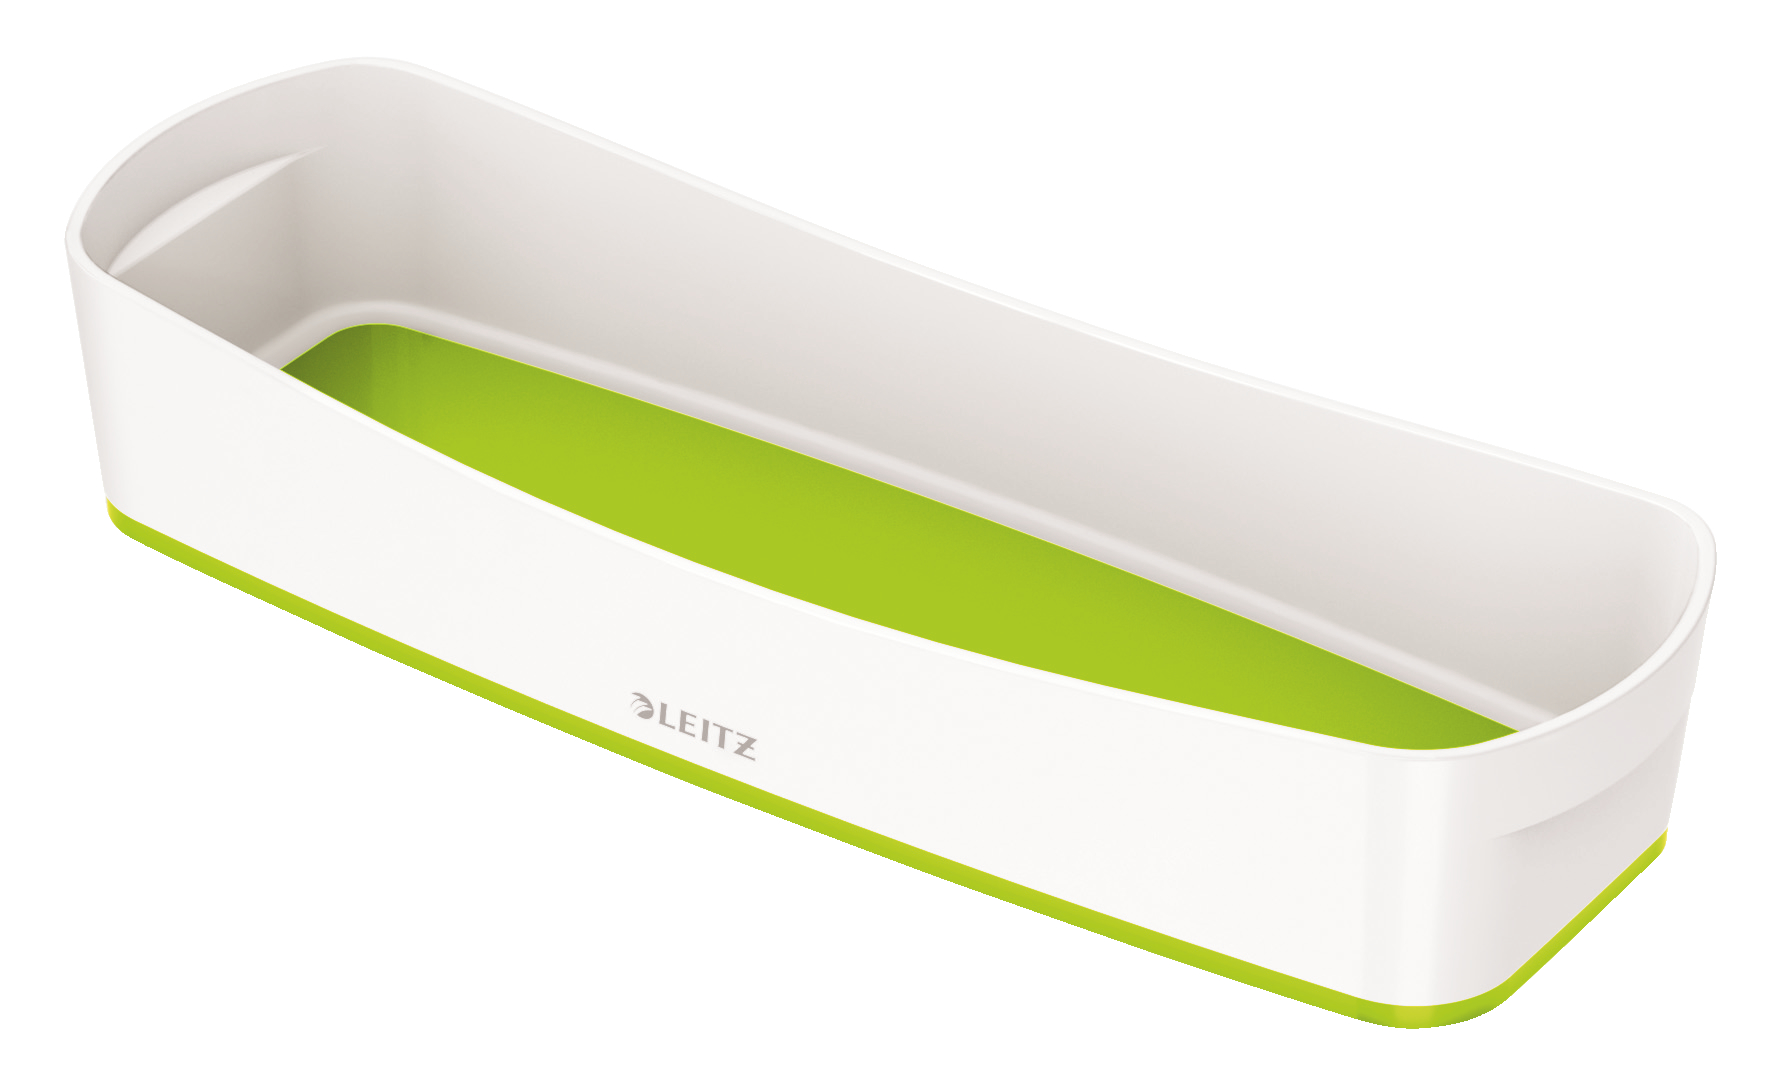 Tool Boxes Leitz MyBox Tray Organiser WOW White Green